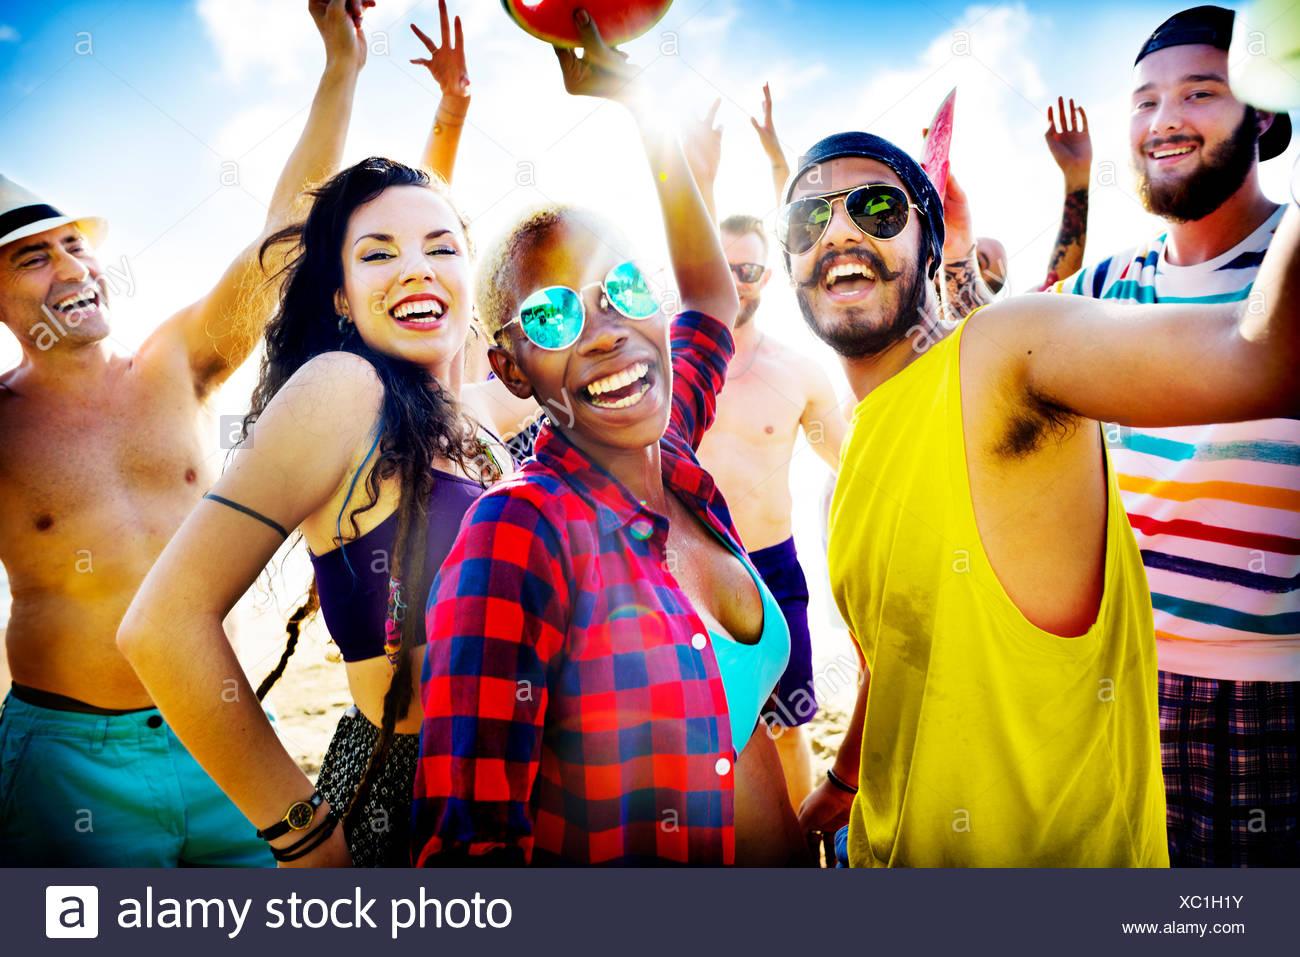 Les amis de l'été Festival Beach Party Concept Photo Stock